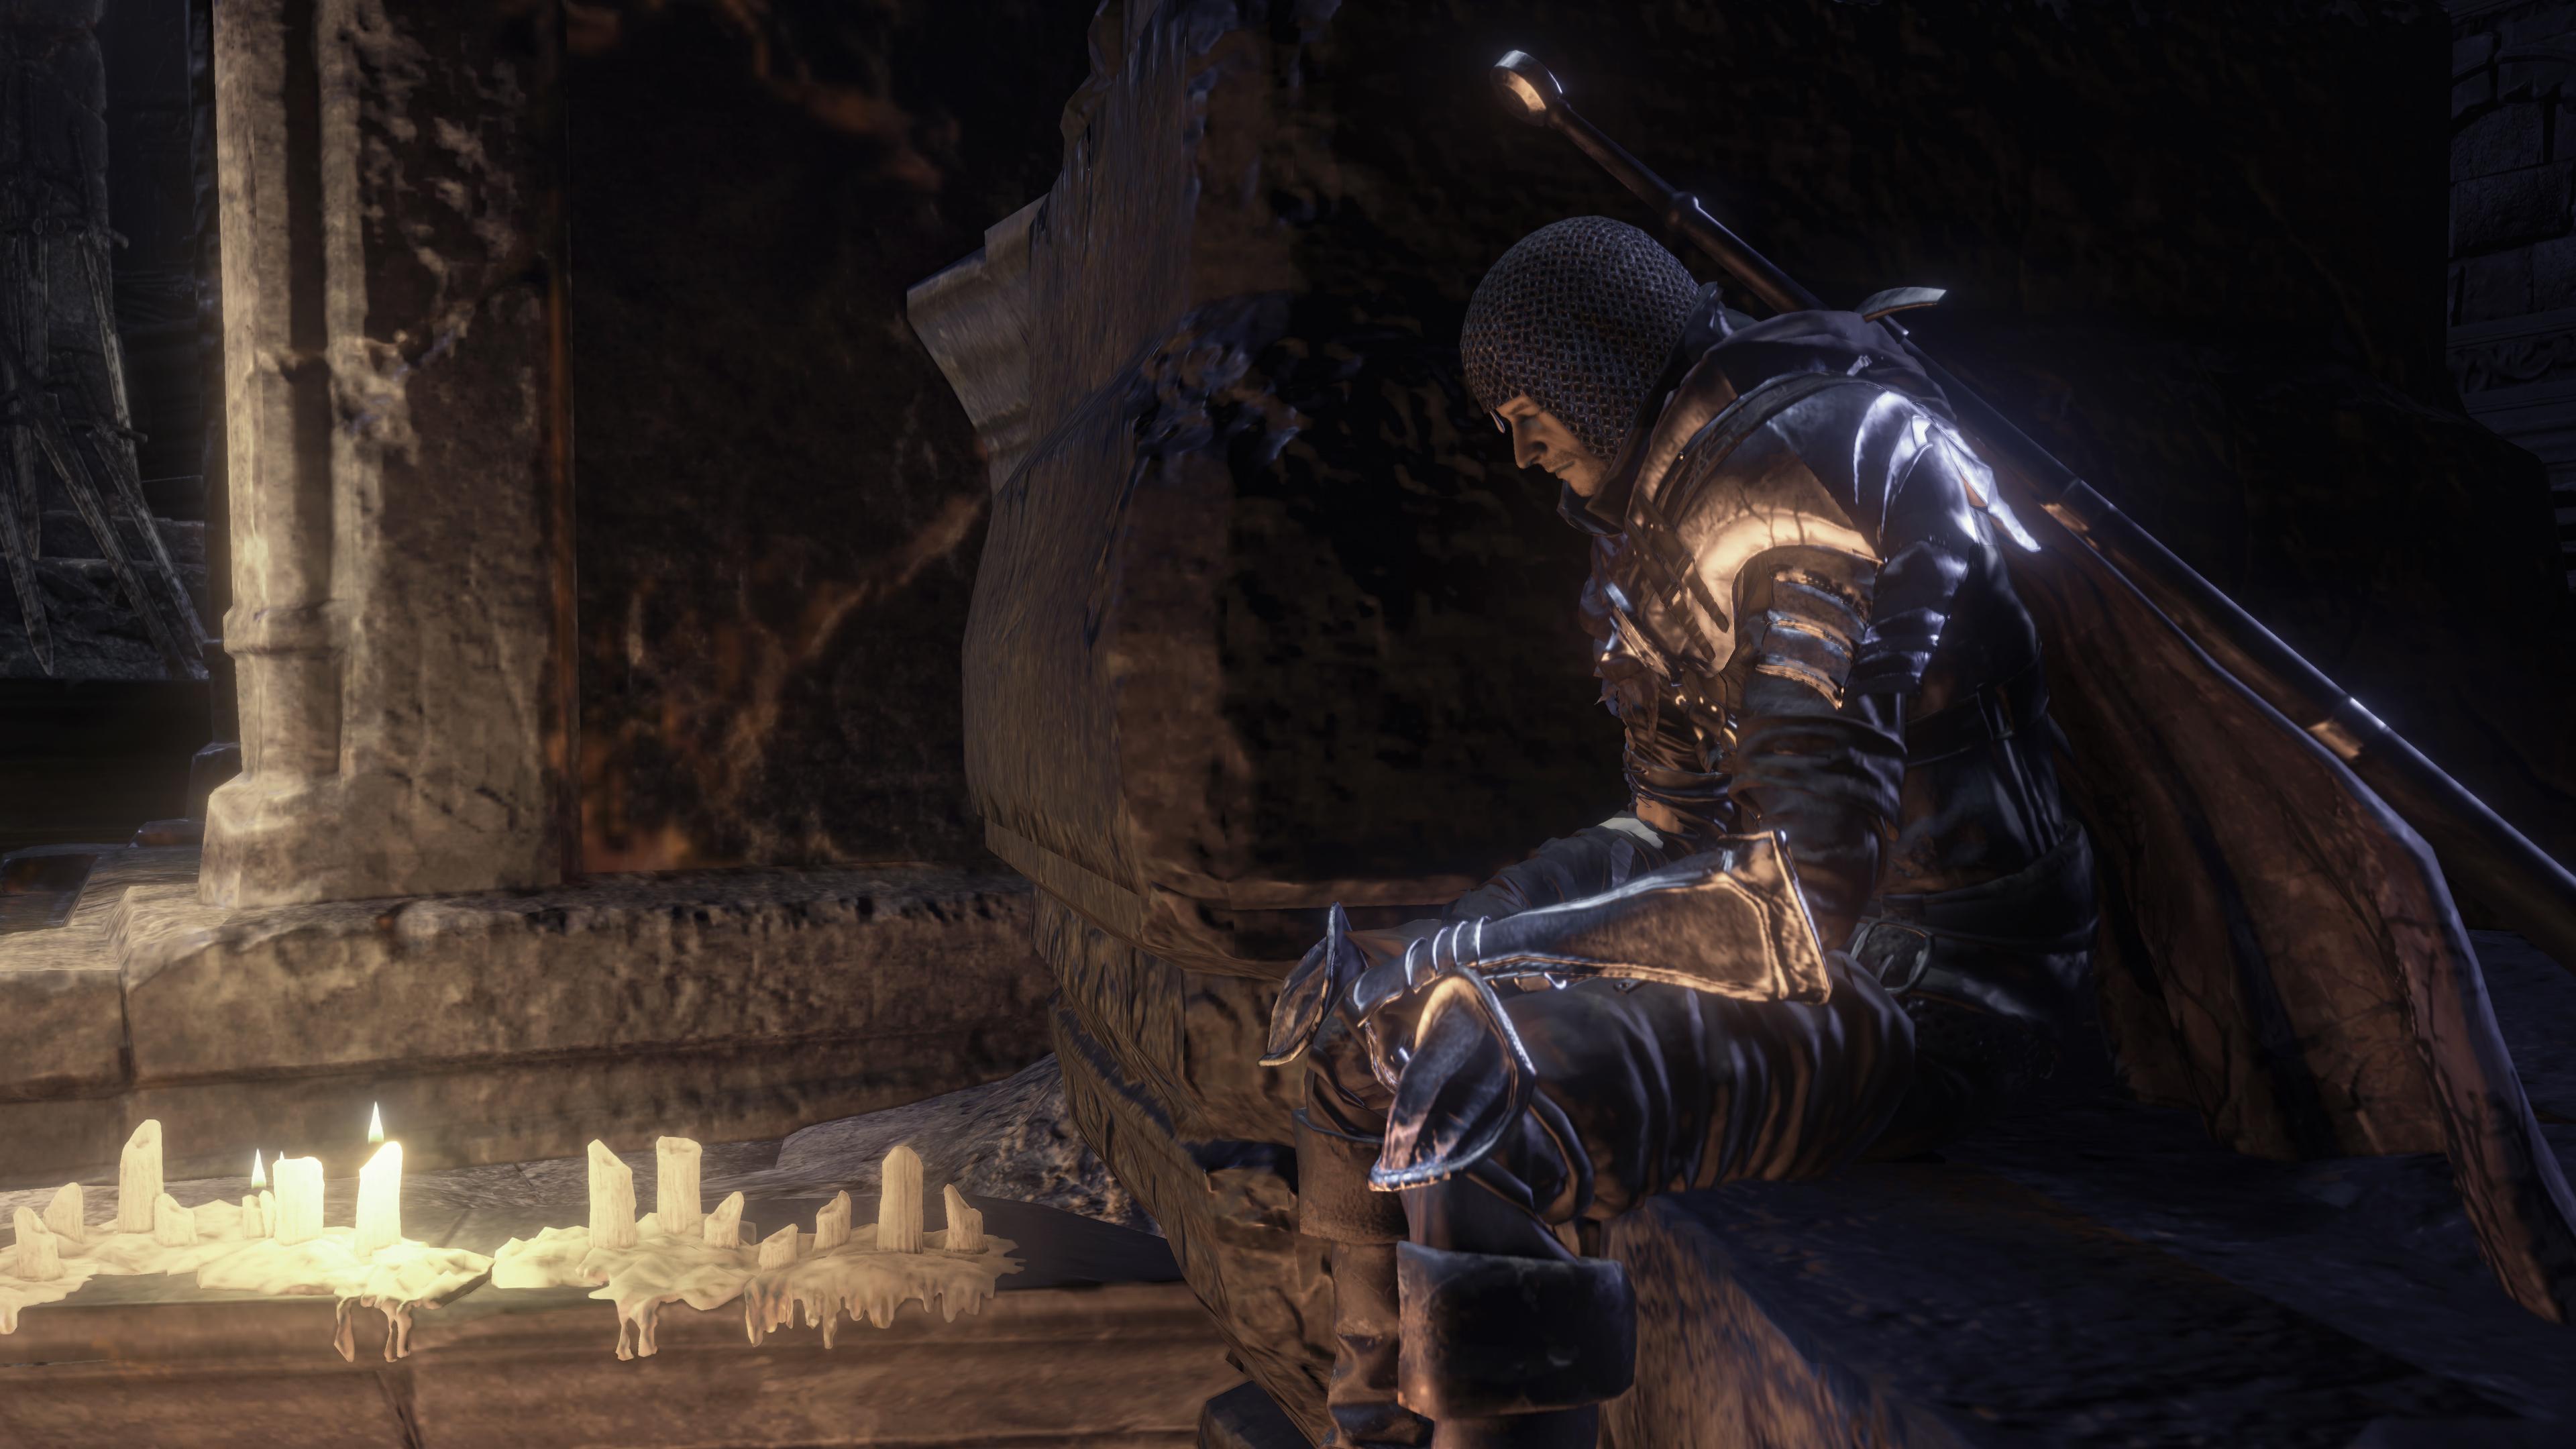 Dark Souls Iii Wallpapers Pictures Images